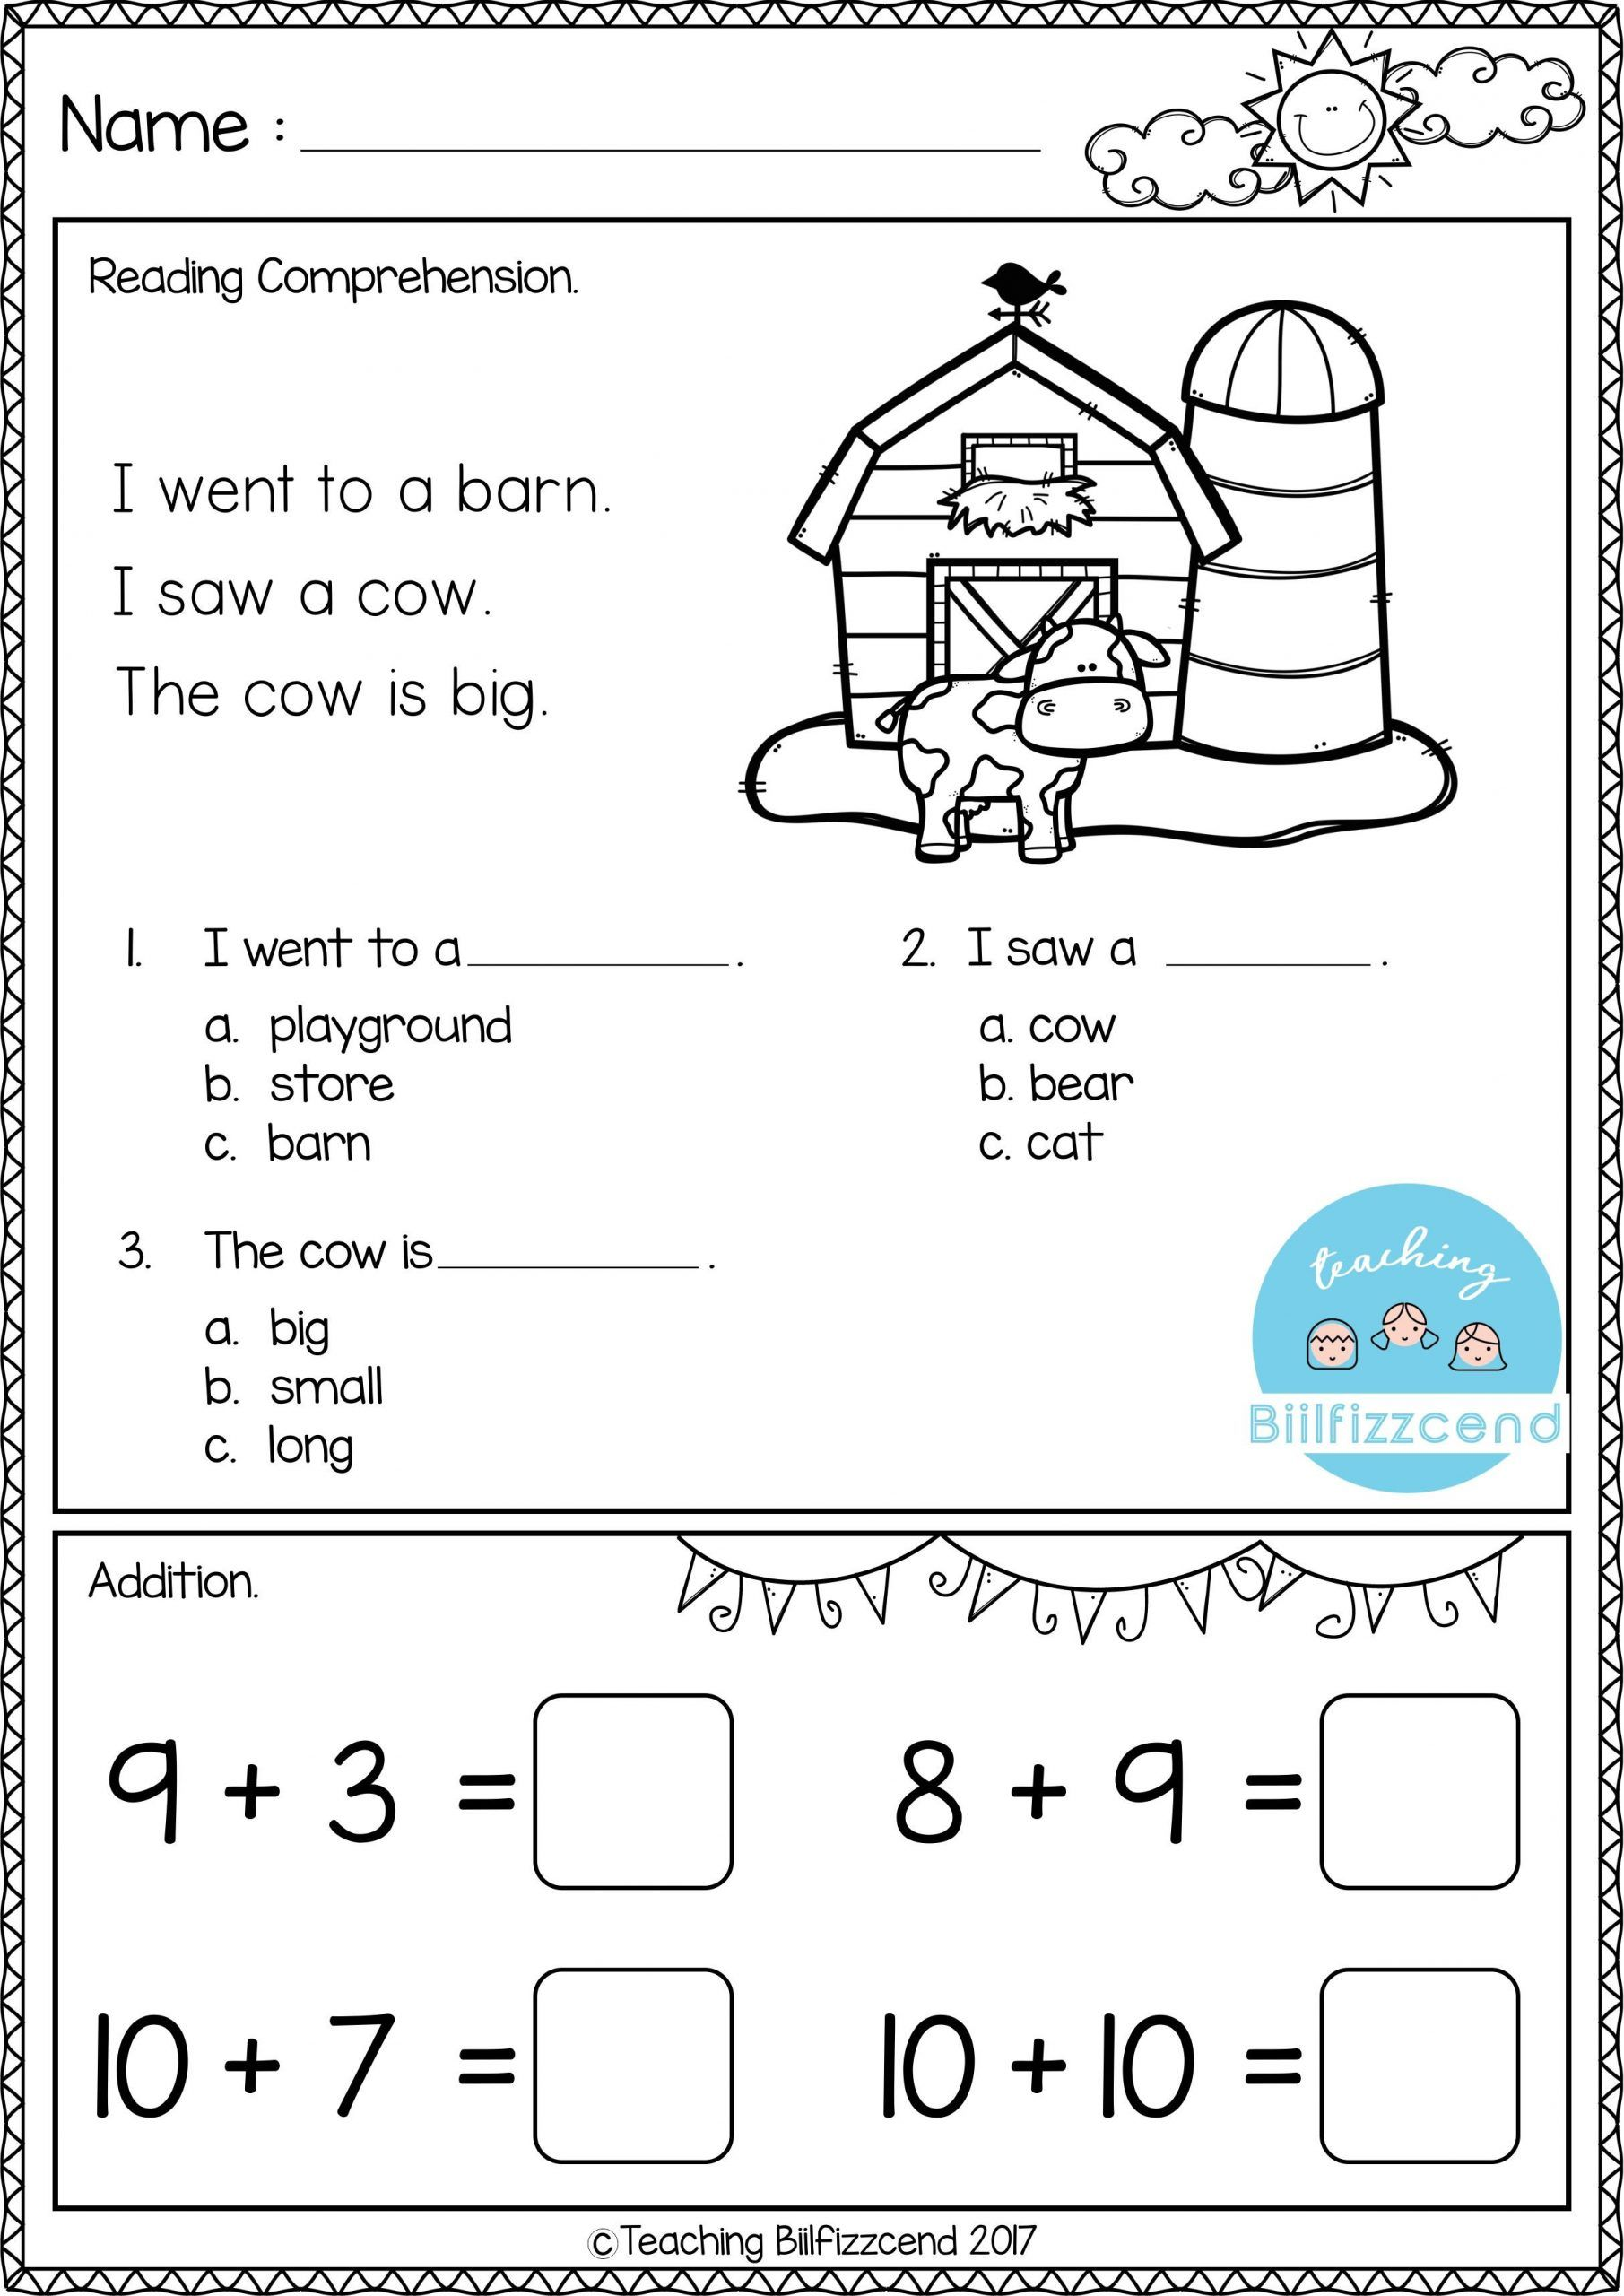 Kindergarten Worksheets Kindergarten Literacy Worksheet Free Printab Kindergarten Literacy Worksheets Literacy Worksheets Kindergarten Worksheets Printable [ 1035 x 800 Pixel ]